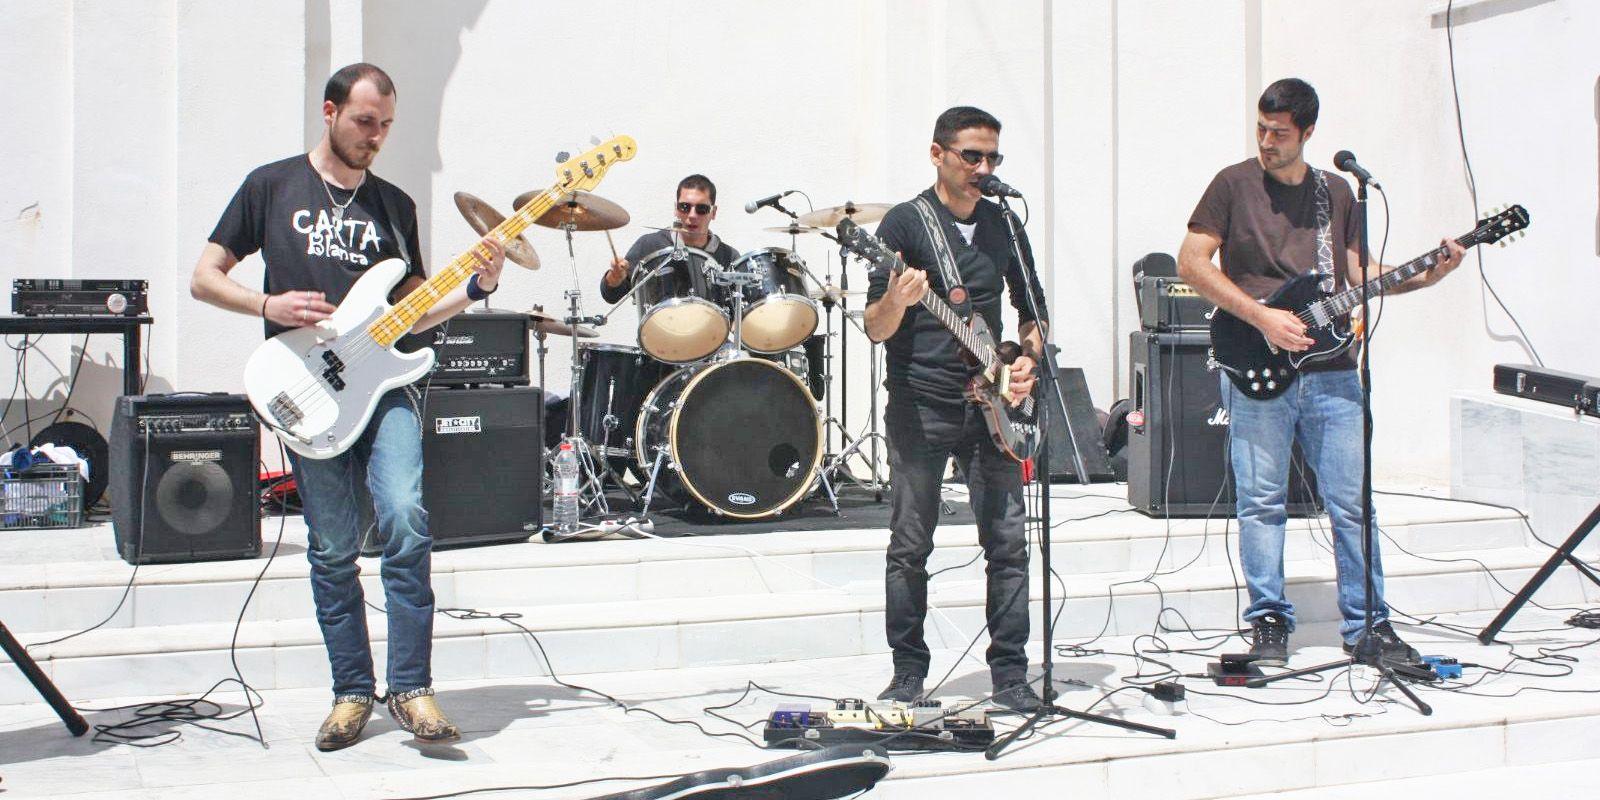 El grupo 39 carta blanca 39 cierra el ciclo musical 39 a pie de for Blanca romero grupo musical